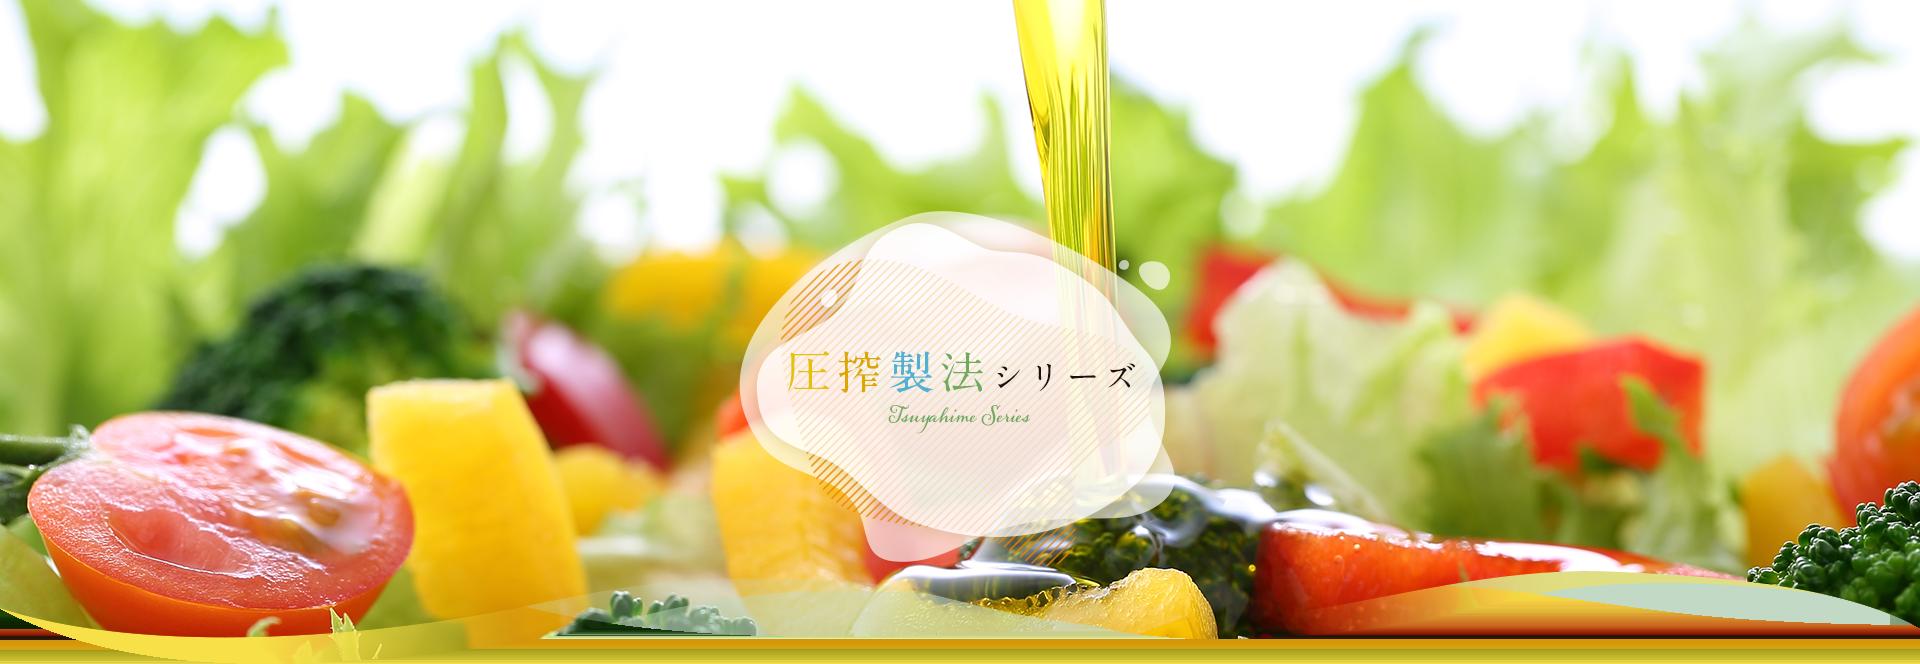 圧搾製法シリーズ 米油から健康的に【三和油脂株式会社】